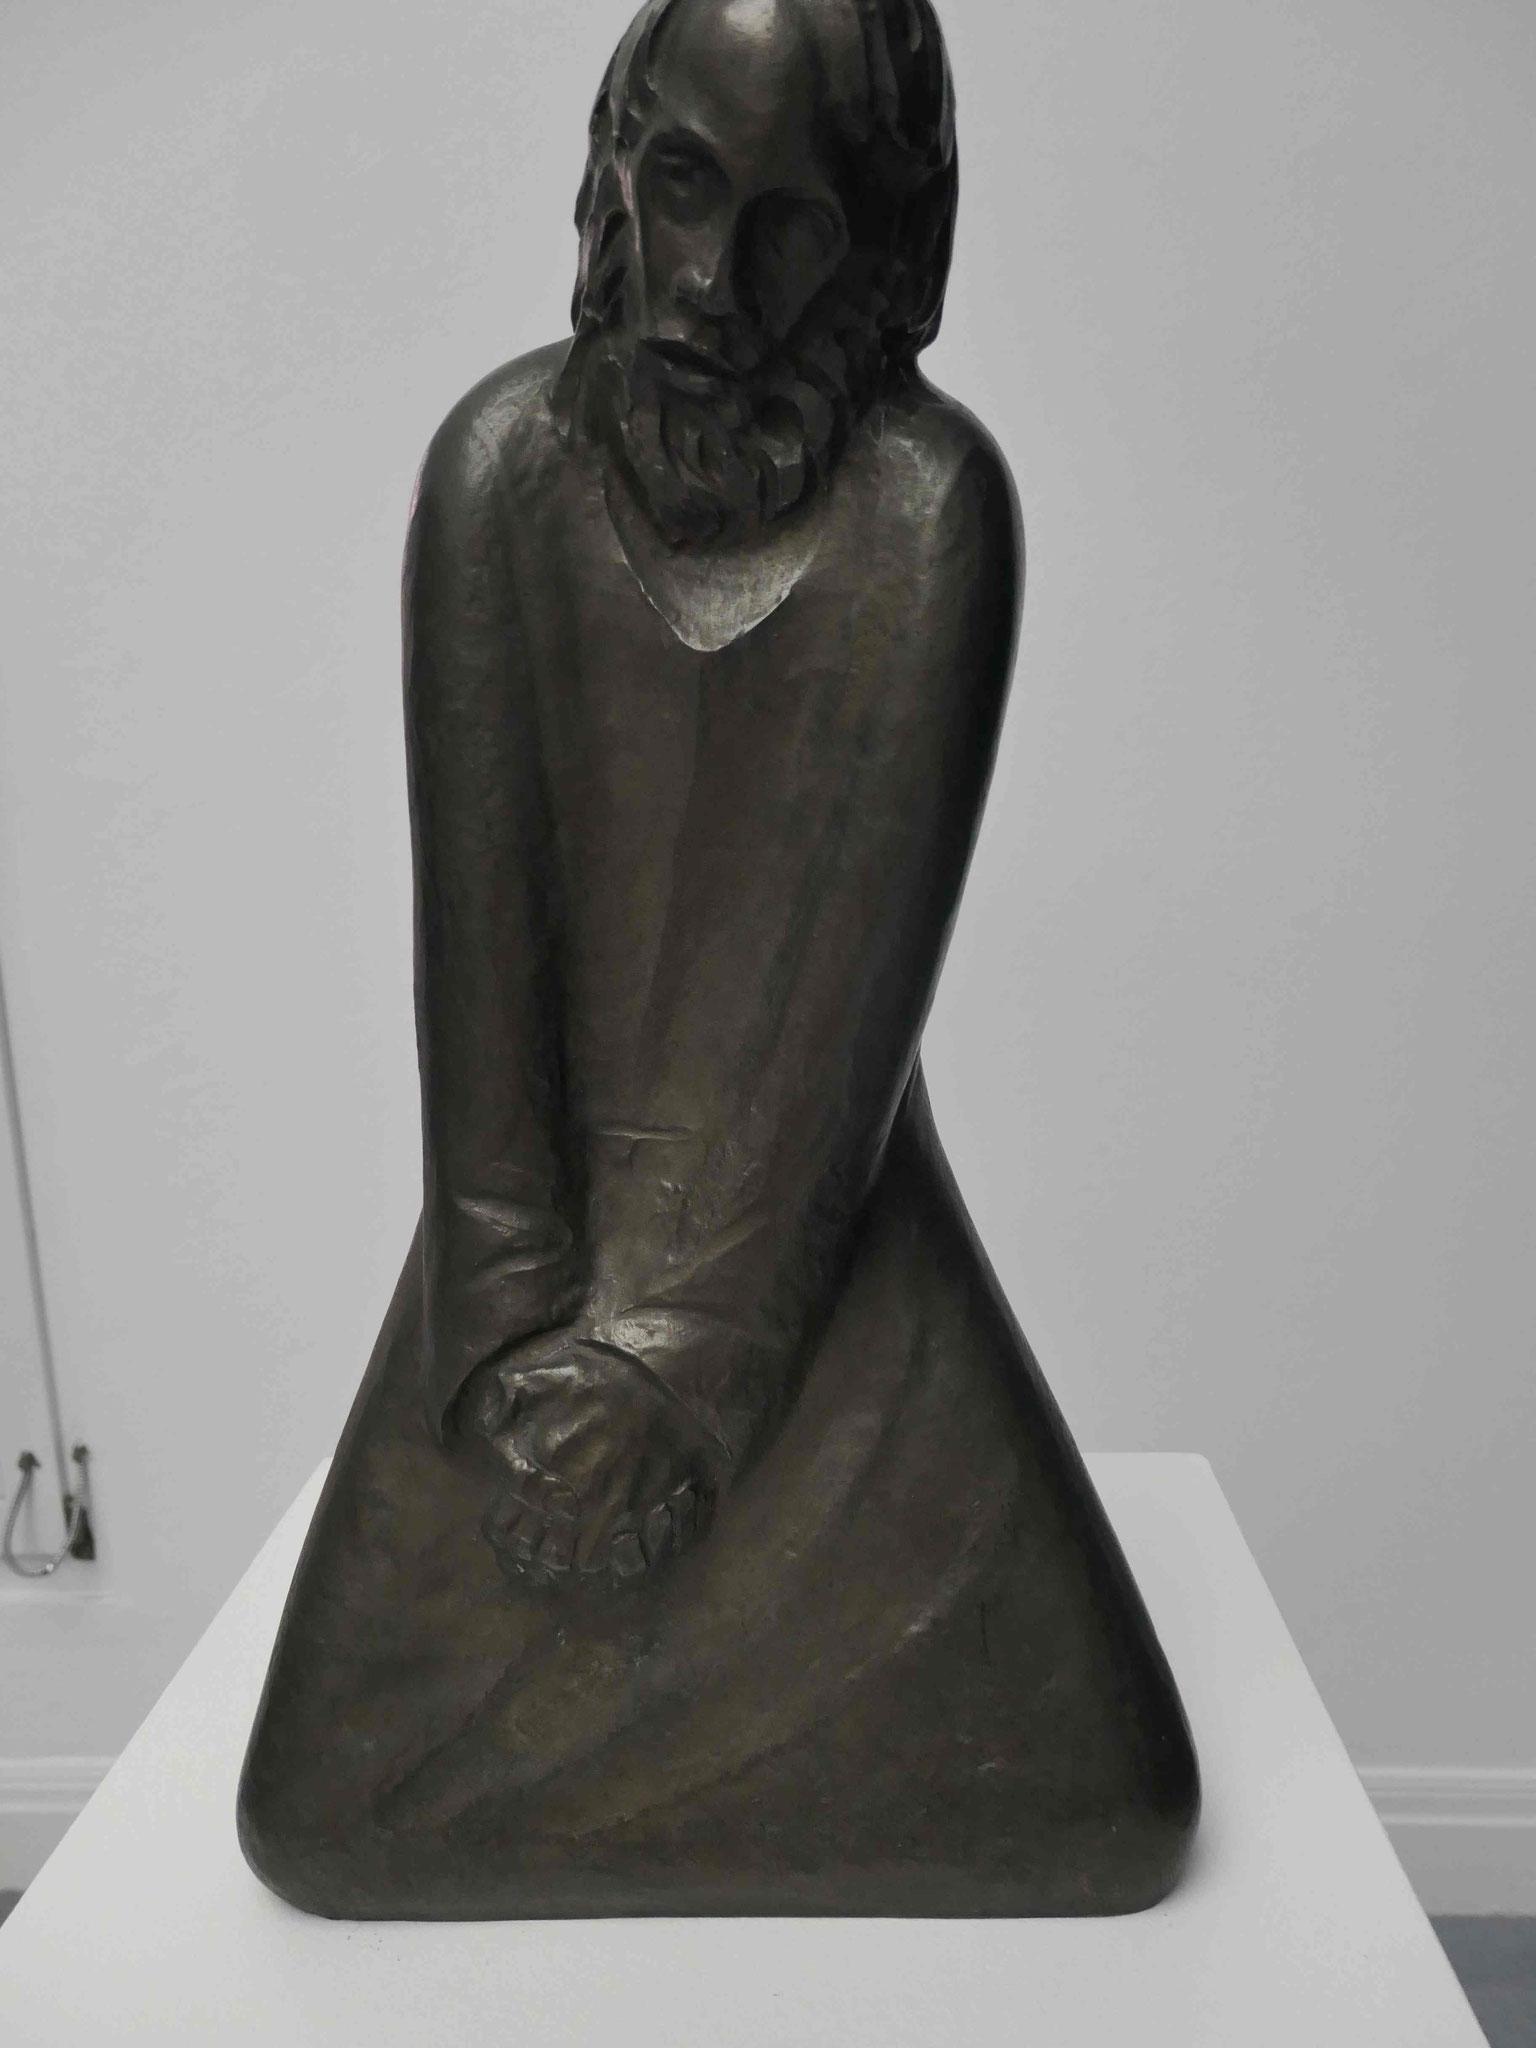 Ernst Barlach, Der Zweifler, 1931, Kunsthalle zu Kiel